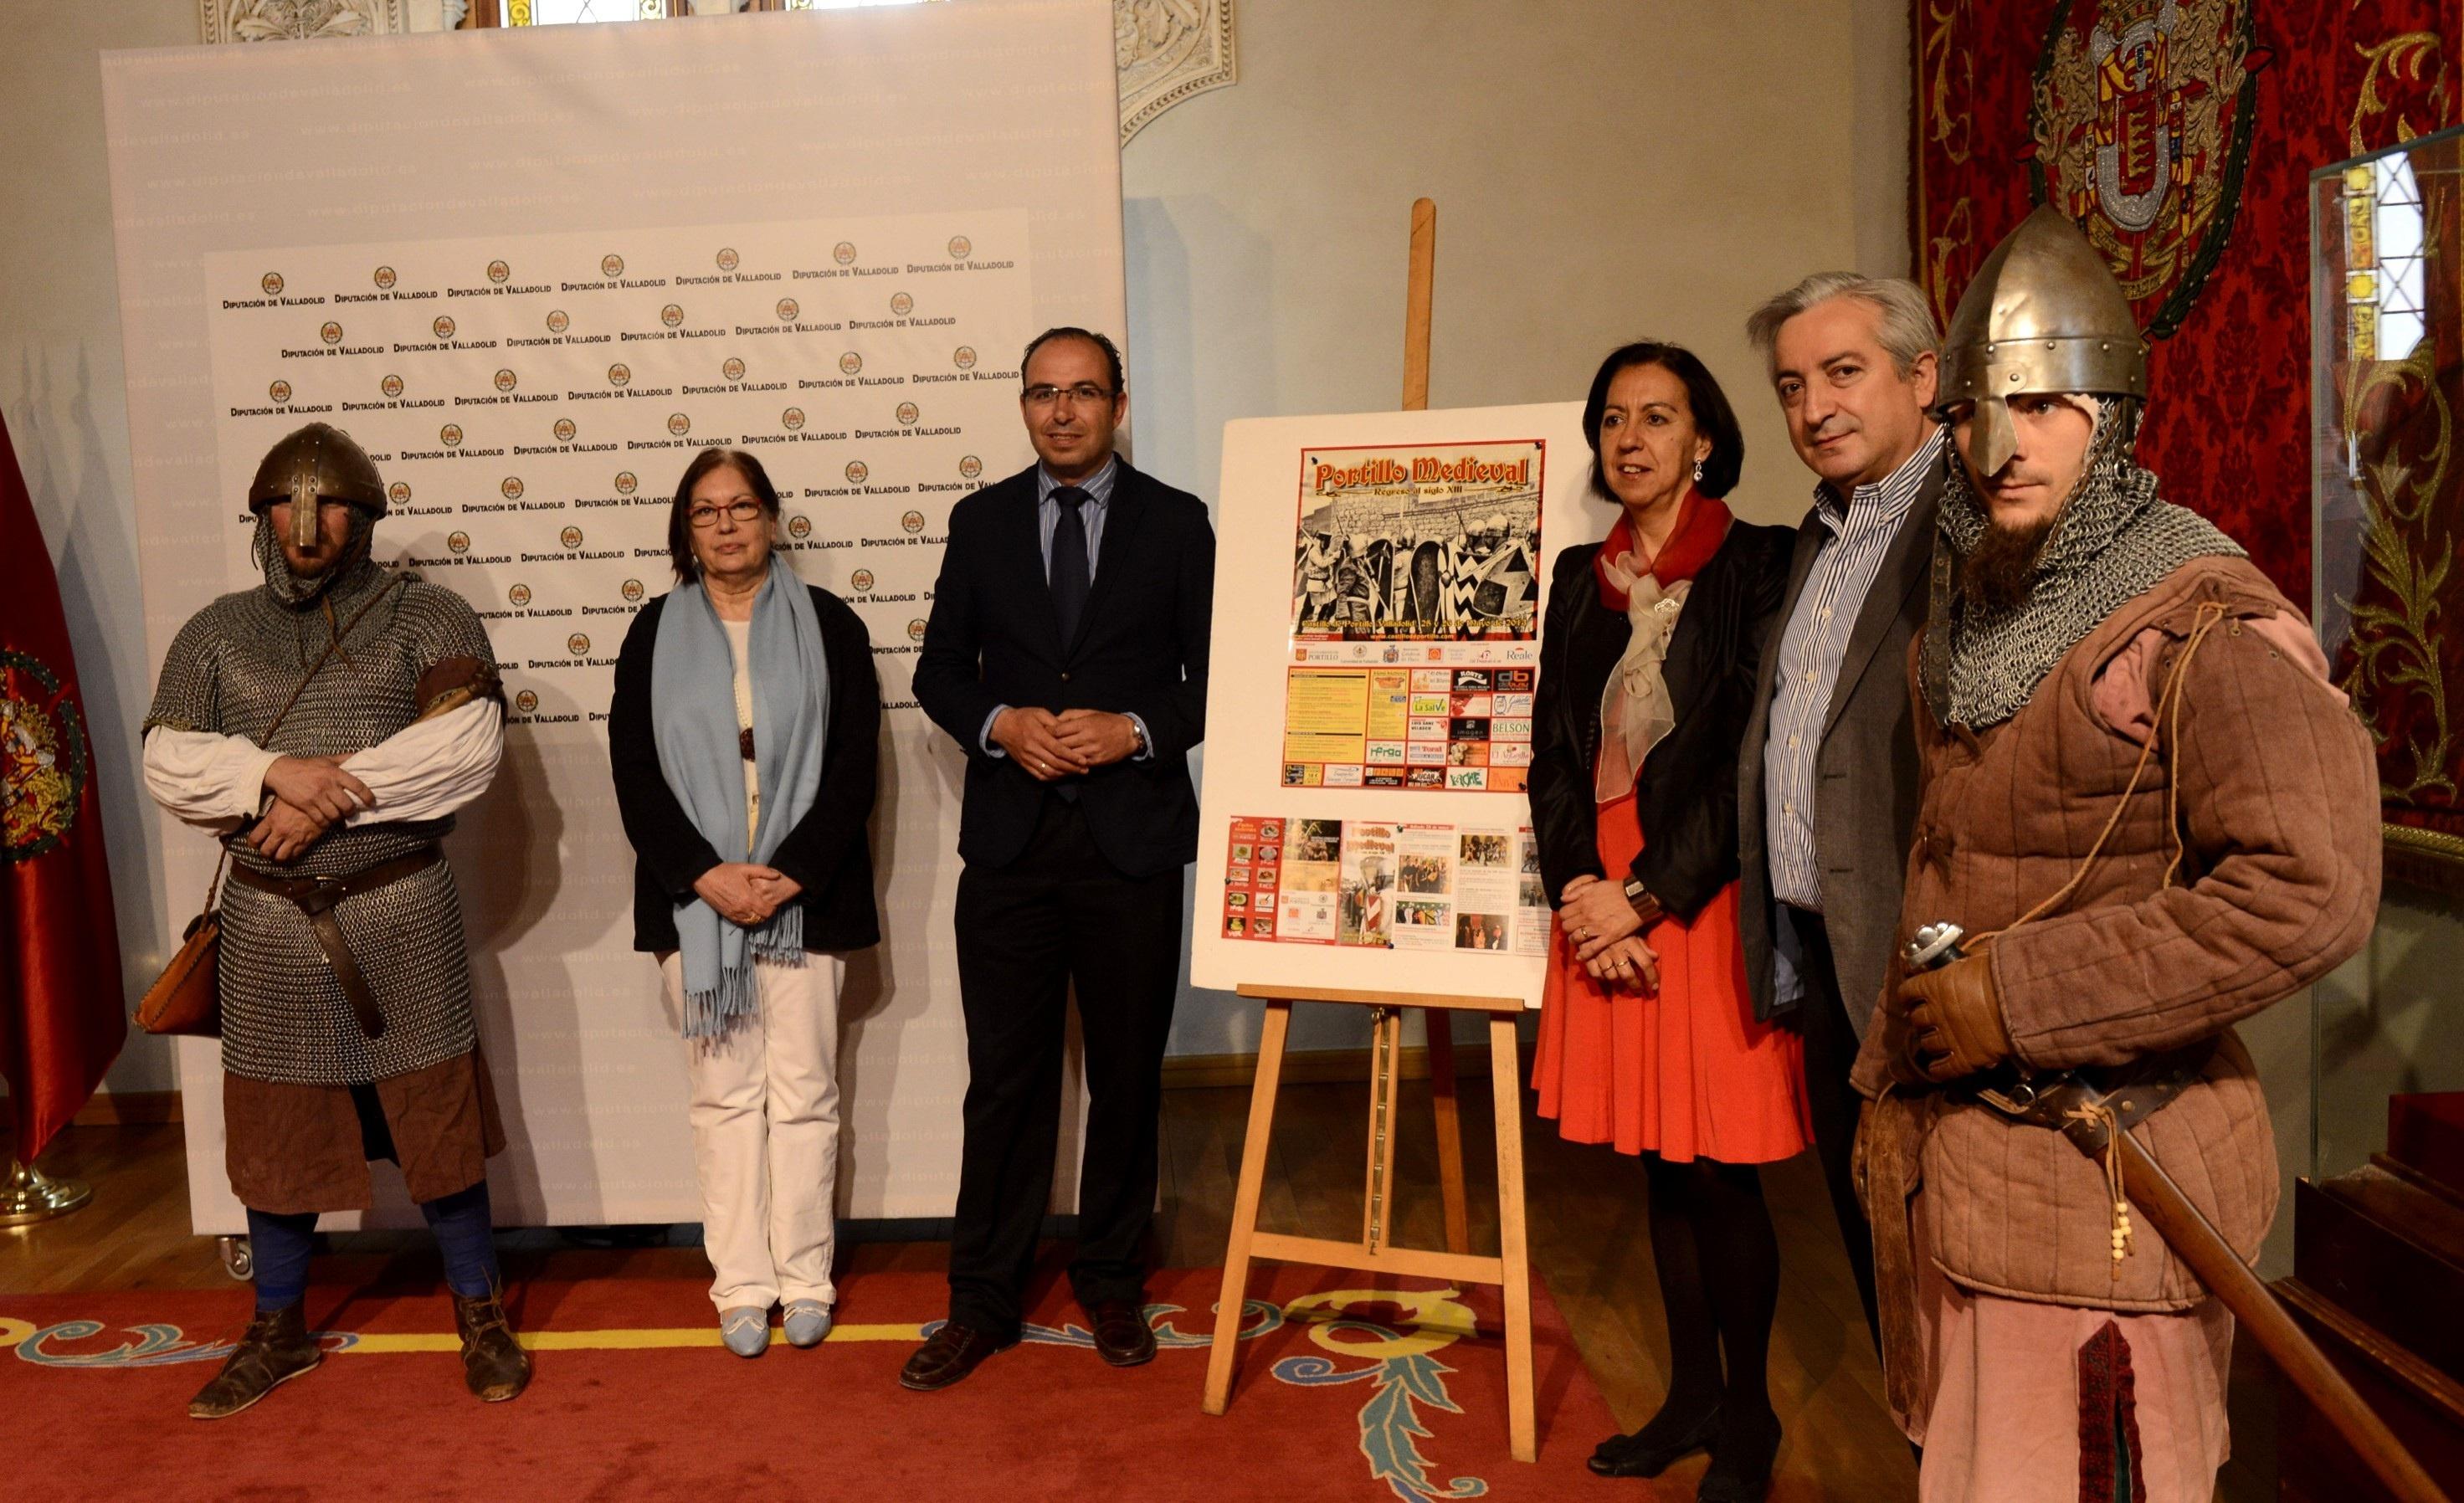 Portillo (Valladolid) celebra este fin de semana el IV encuentro medieval con vistas guiadas, conciertos y conferencias